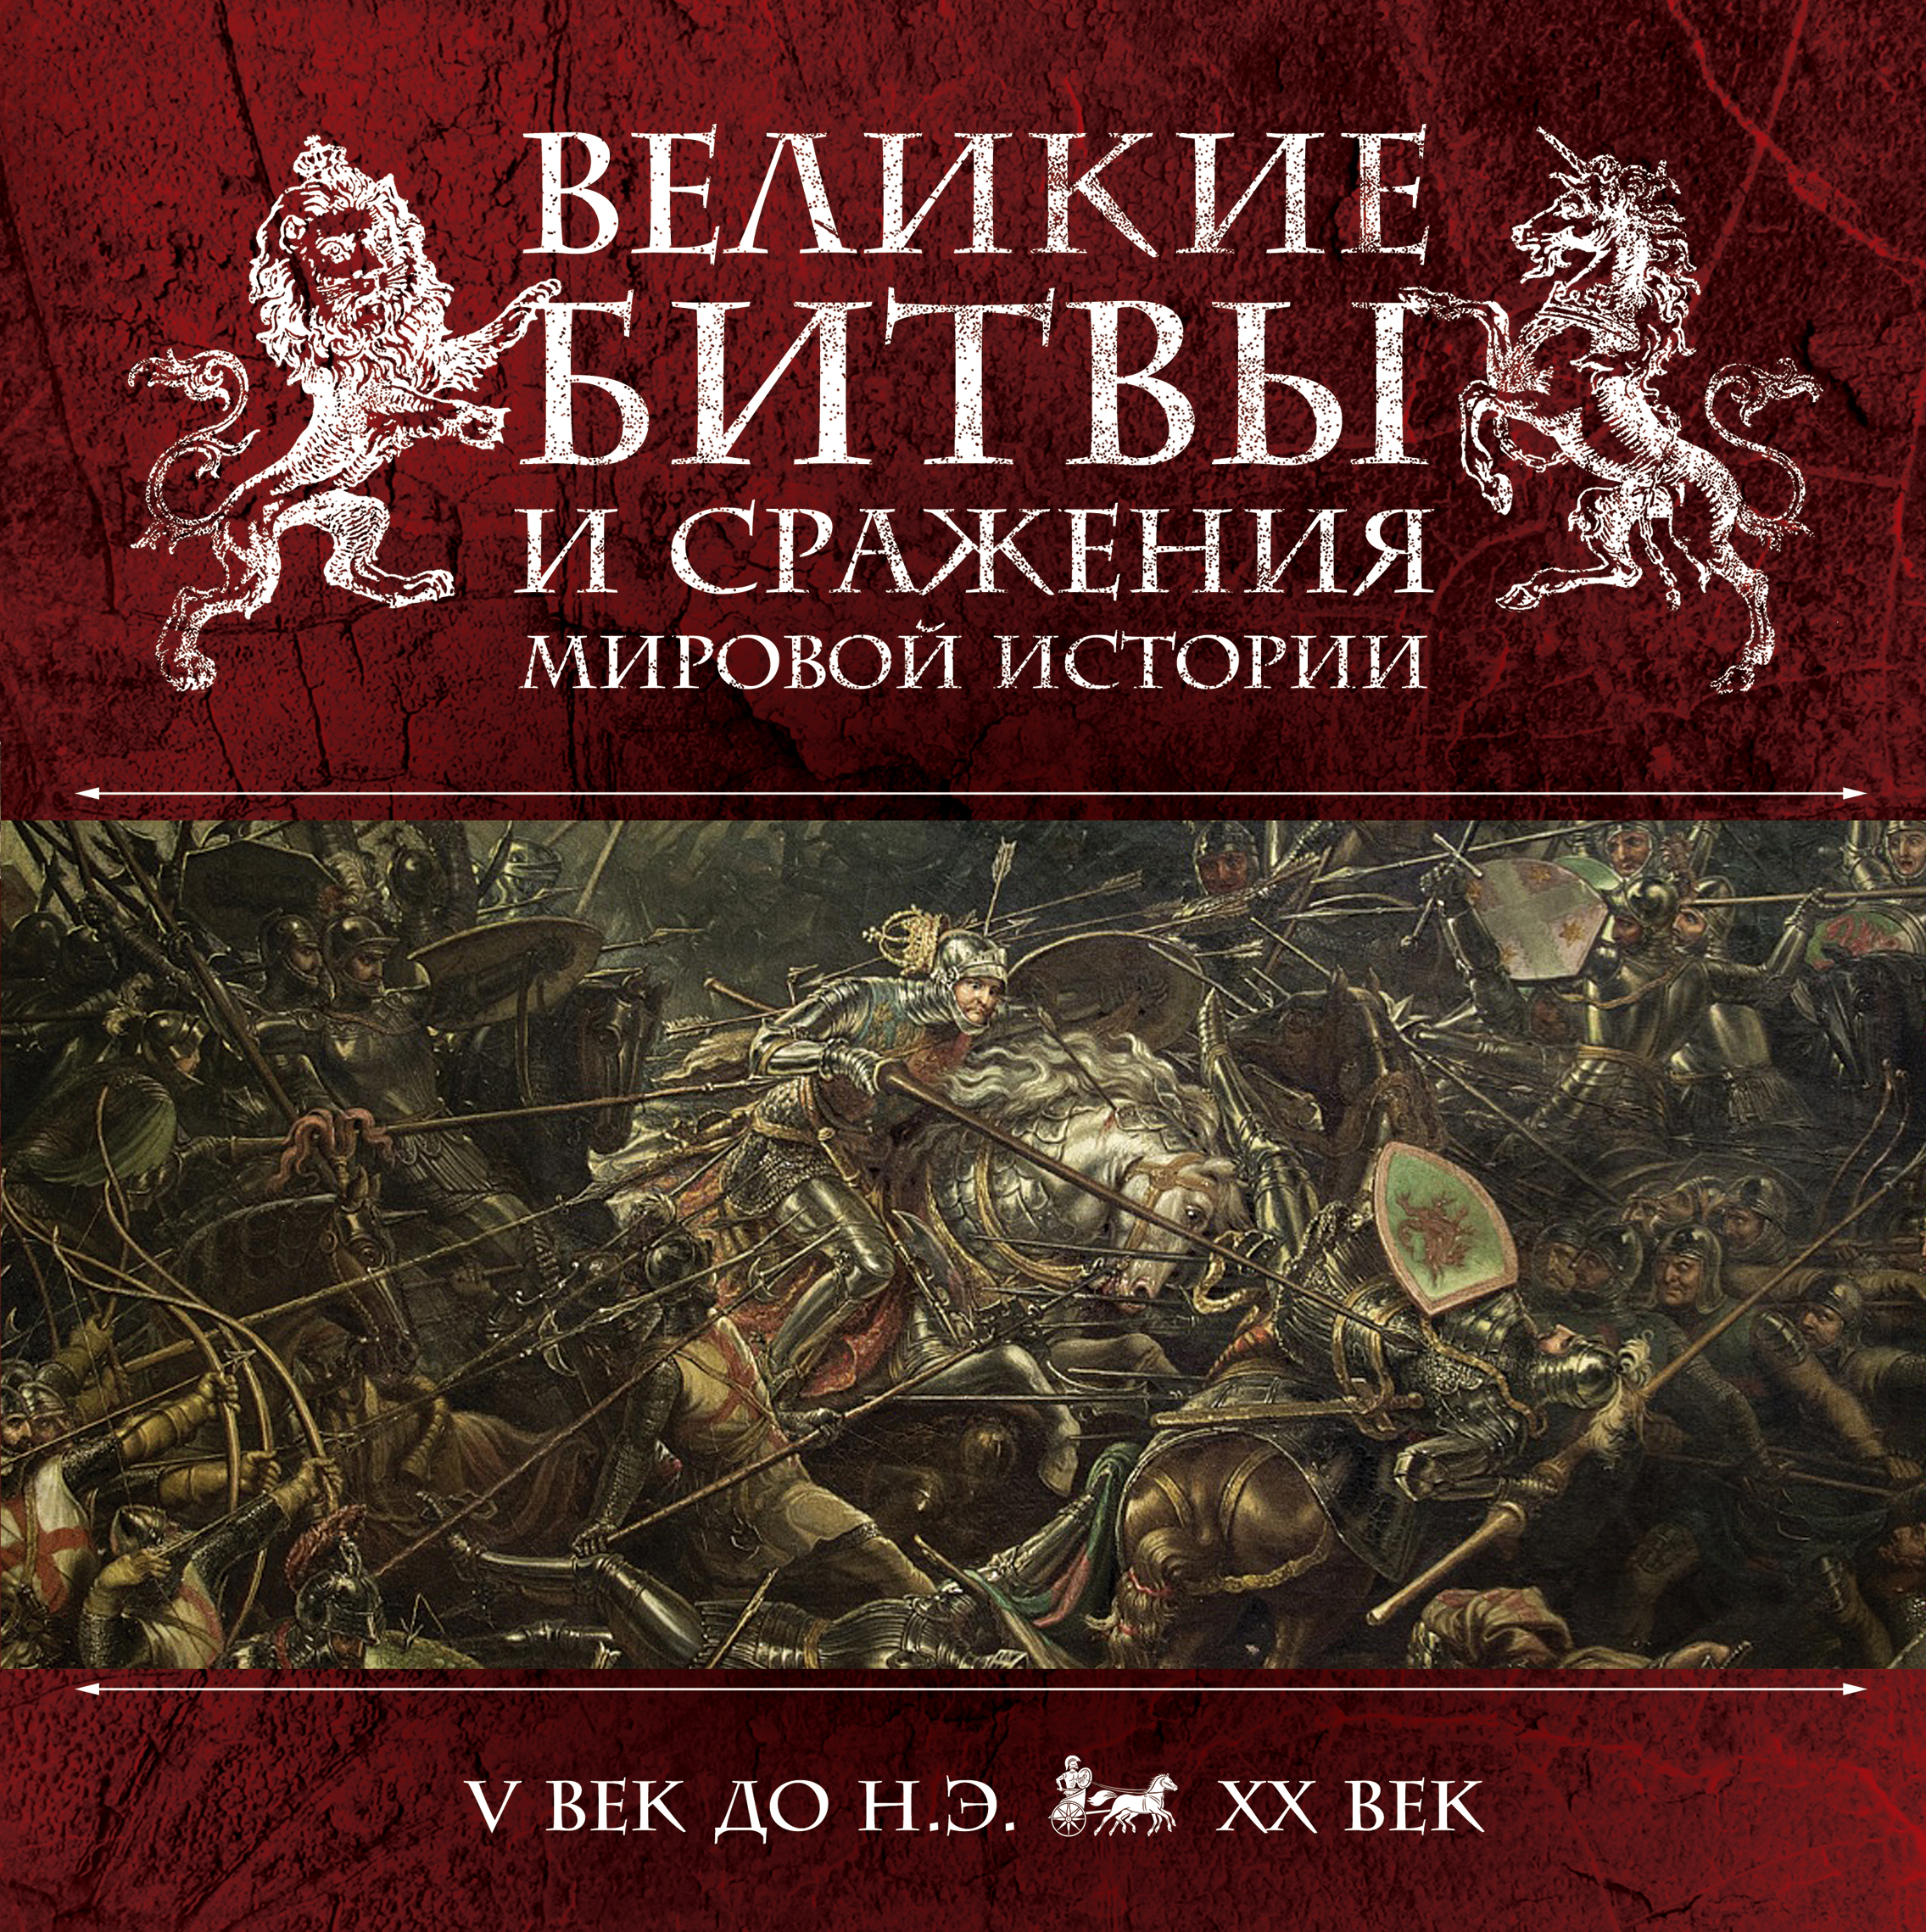 Владимирова В.В. Великие битвы и сражения мировой истории